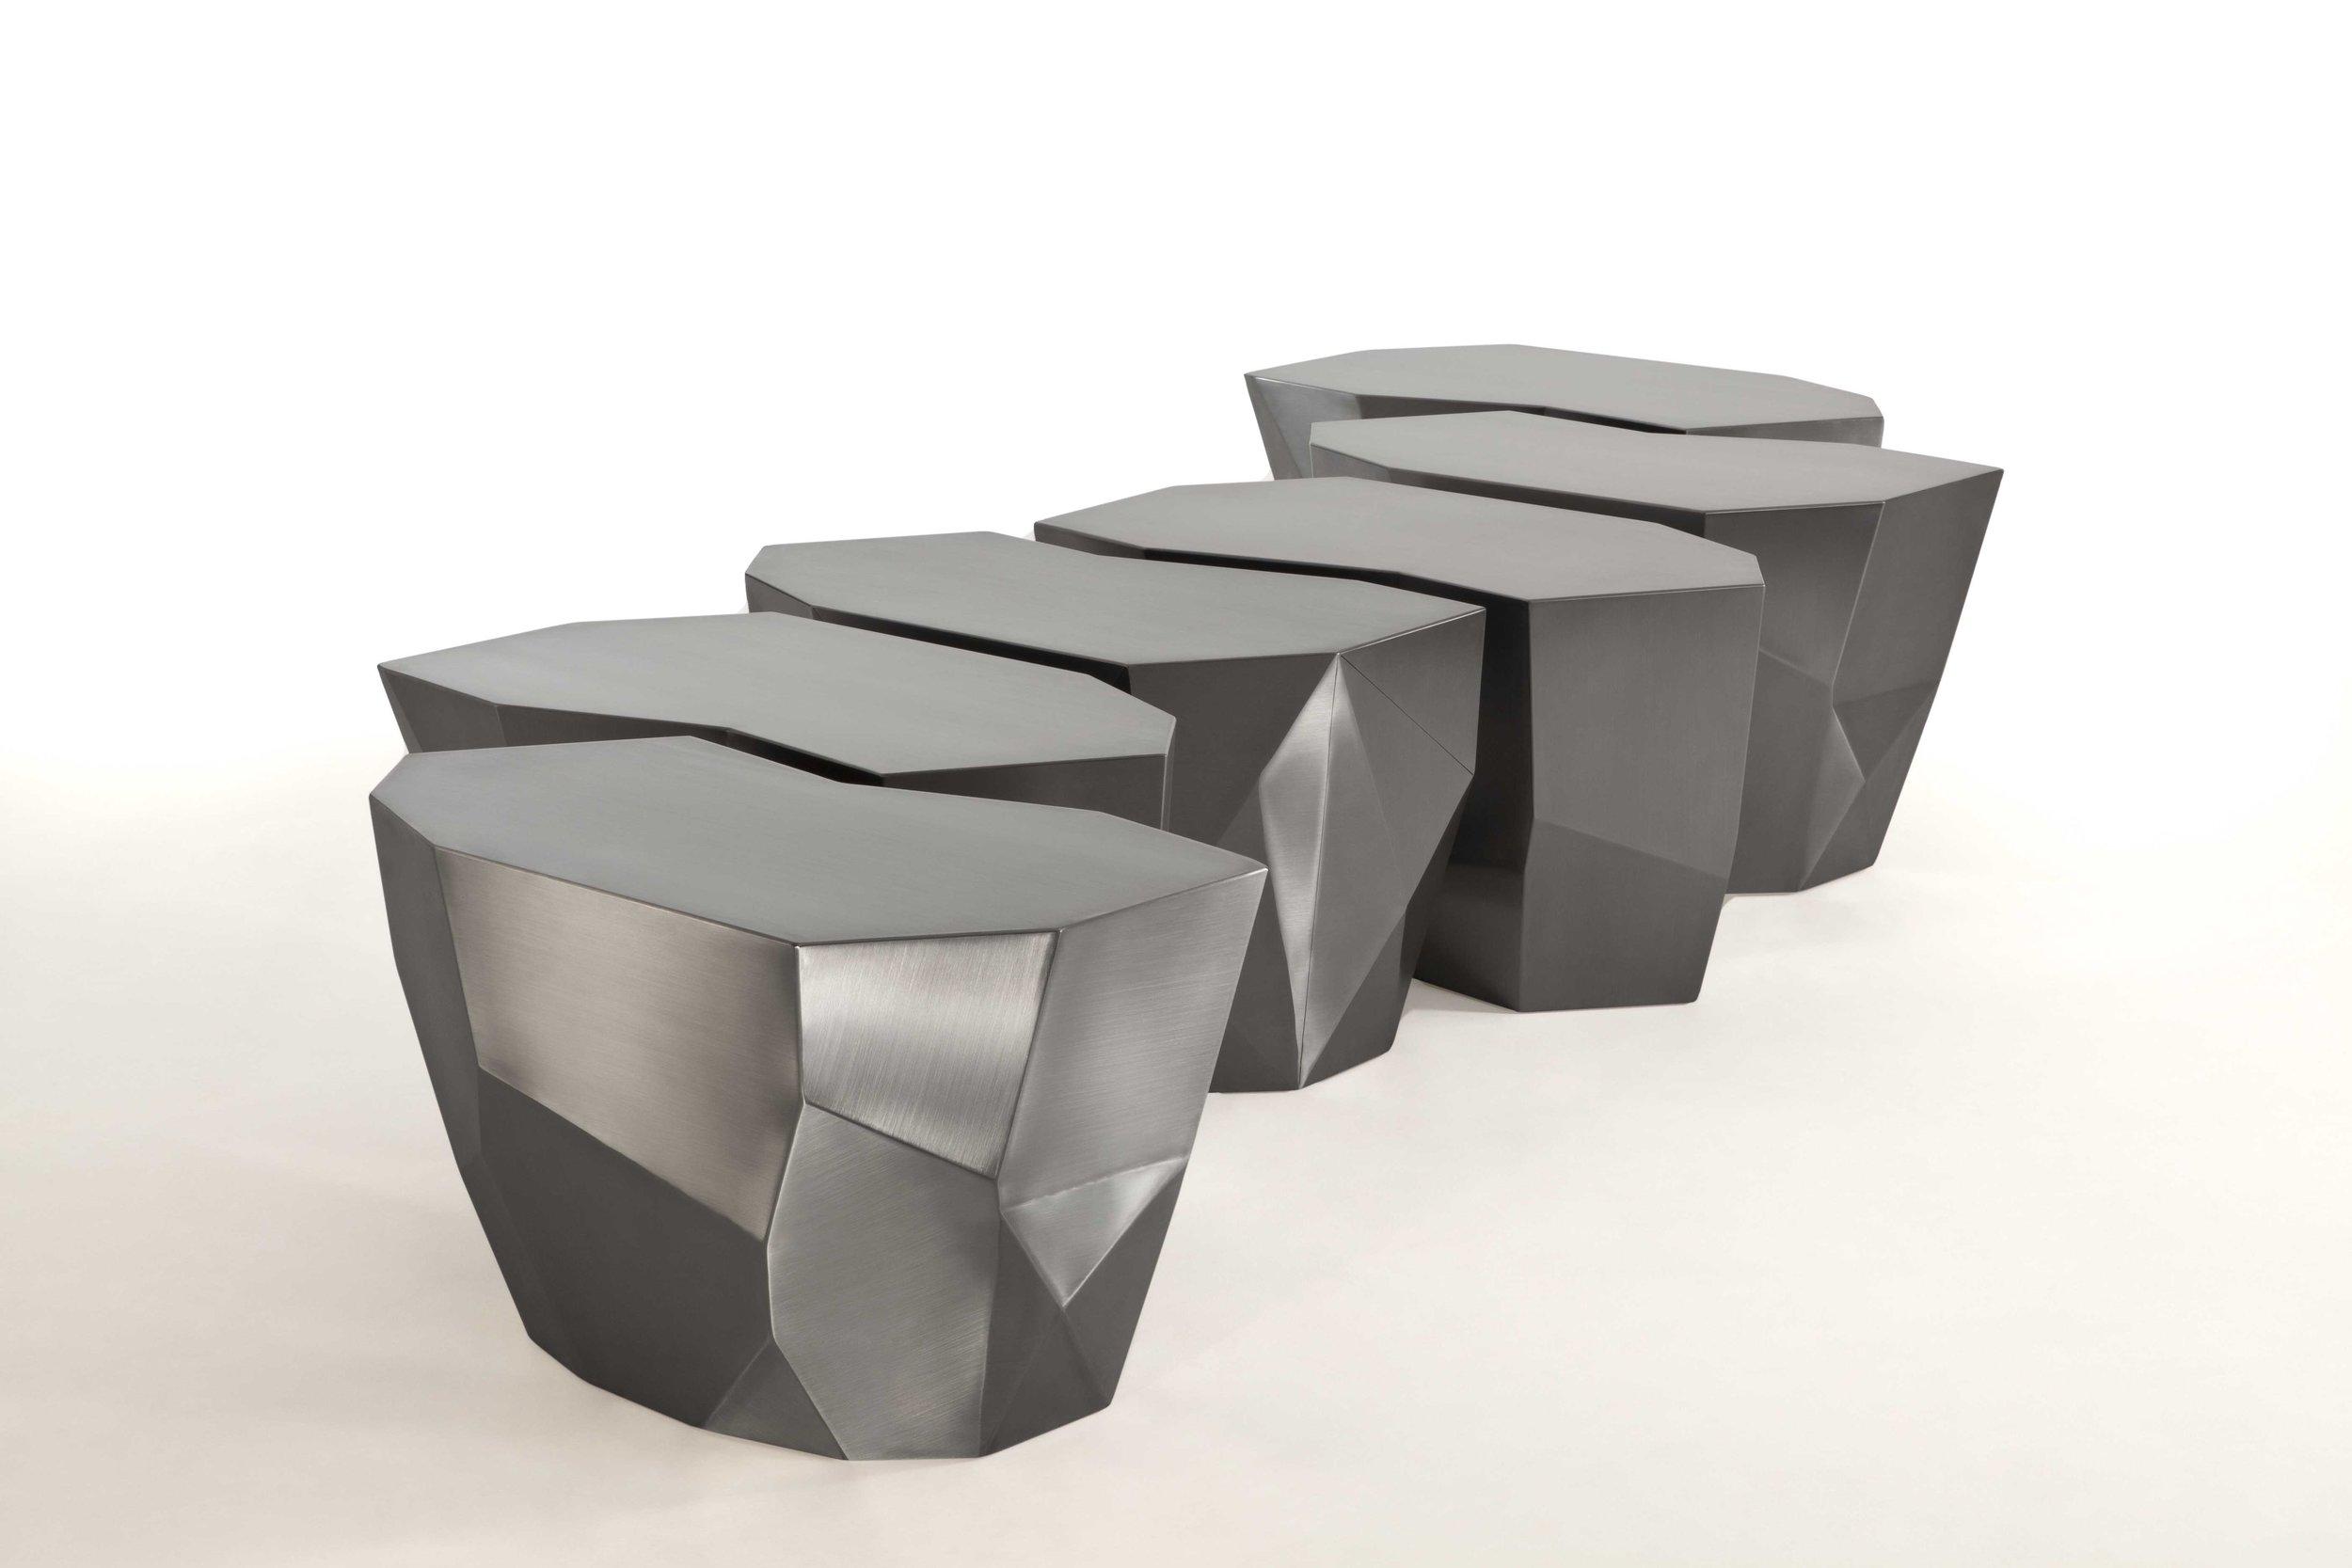 fernanda marques geomorph bench